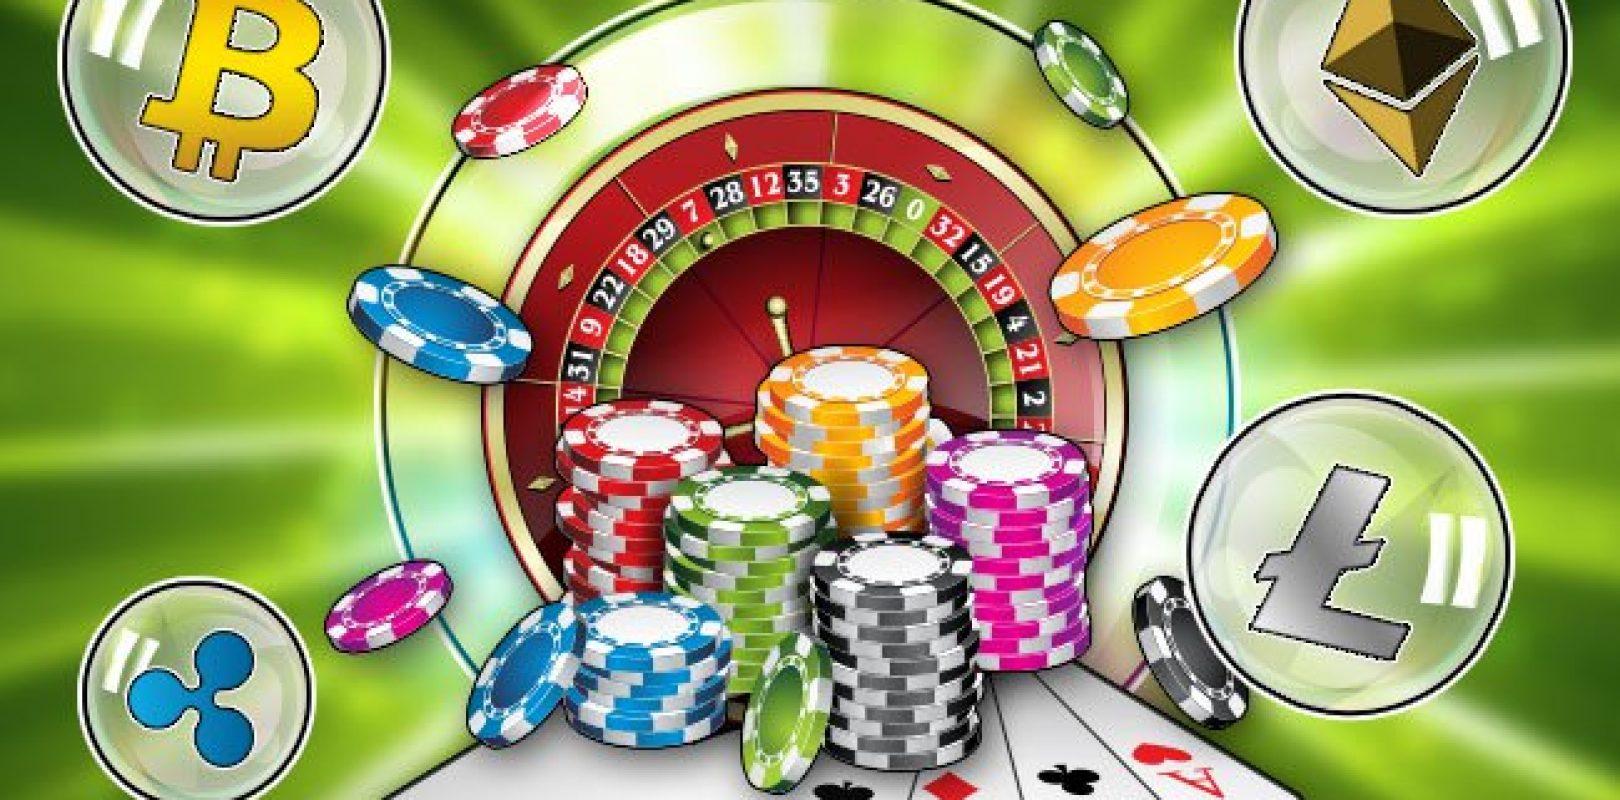 Casino época bitcoin online 540061